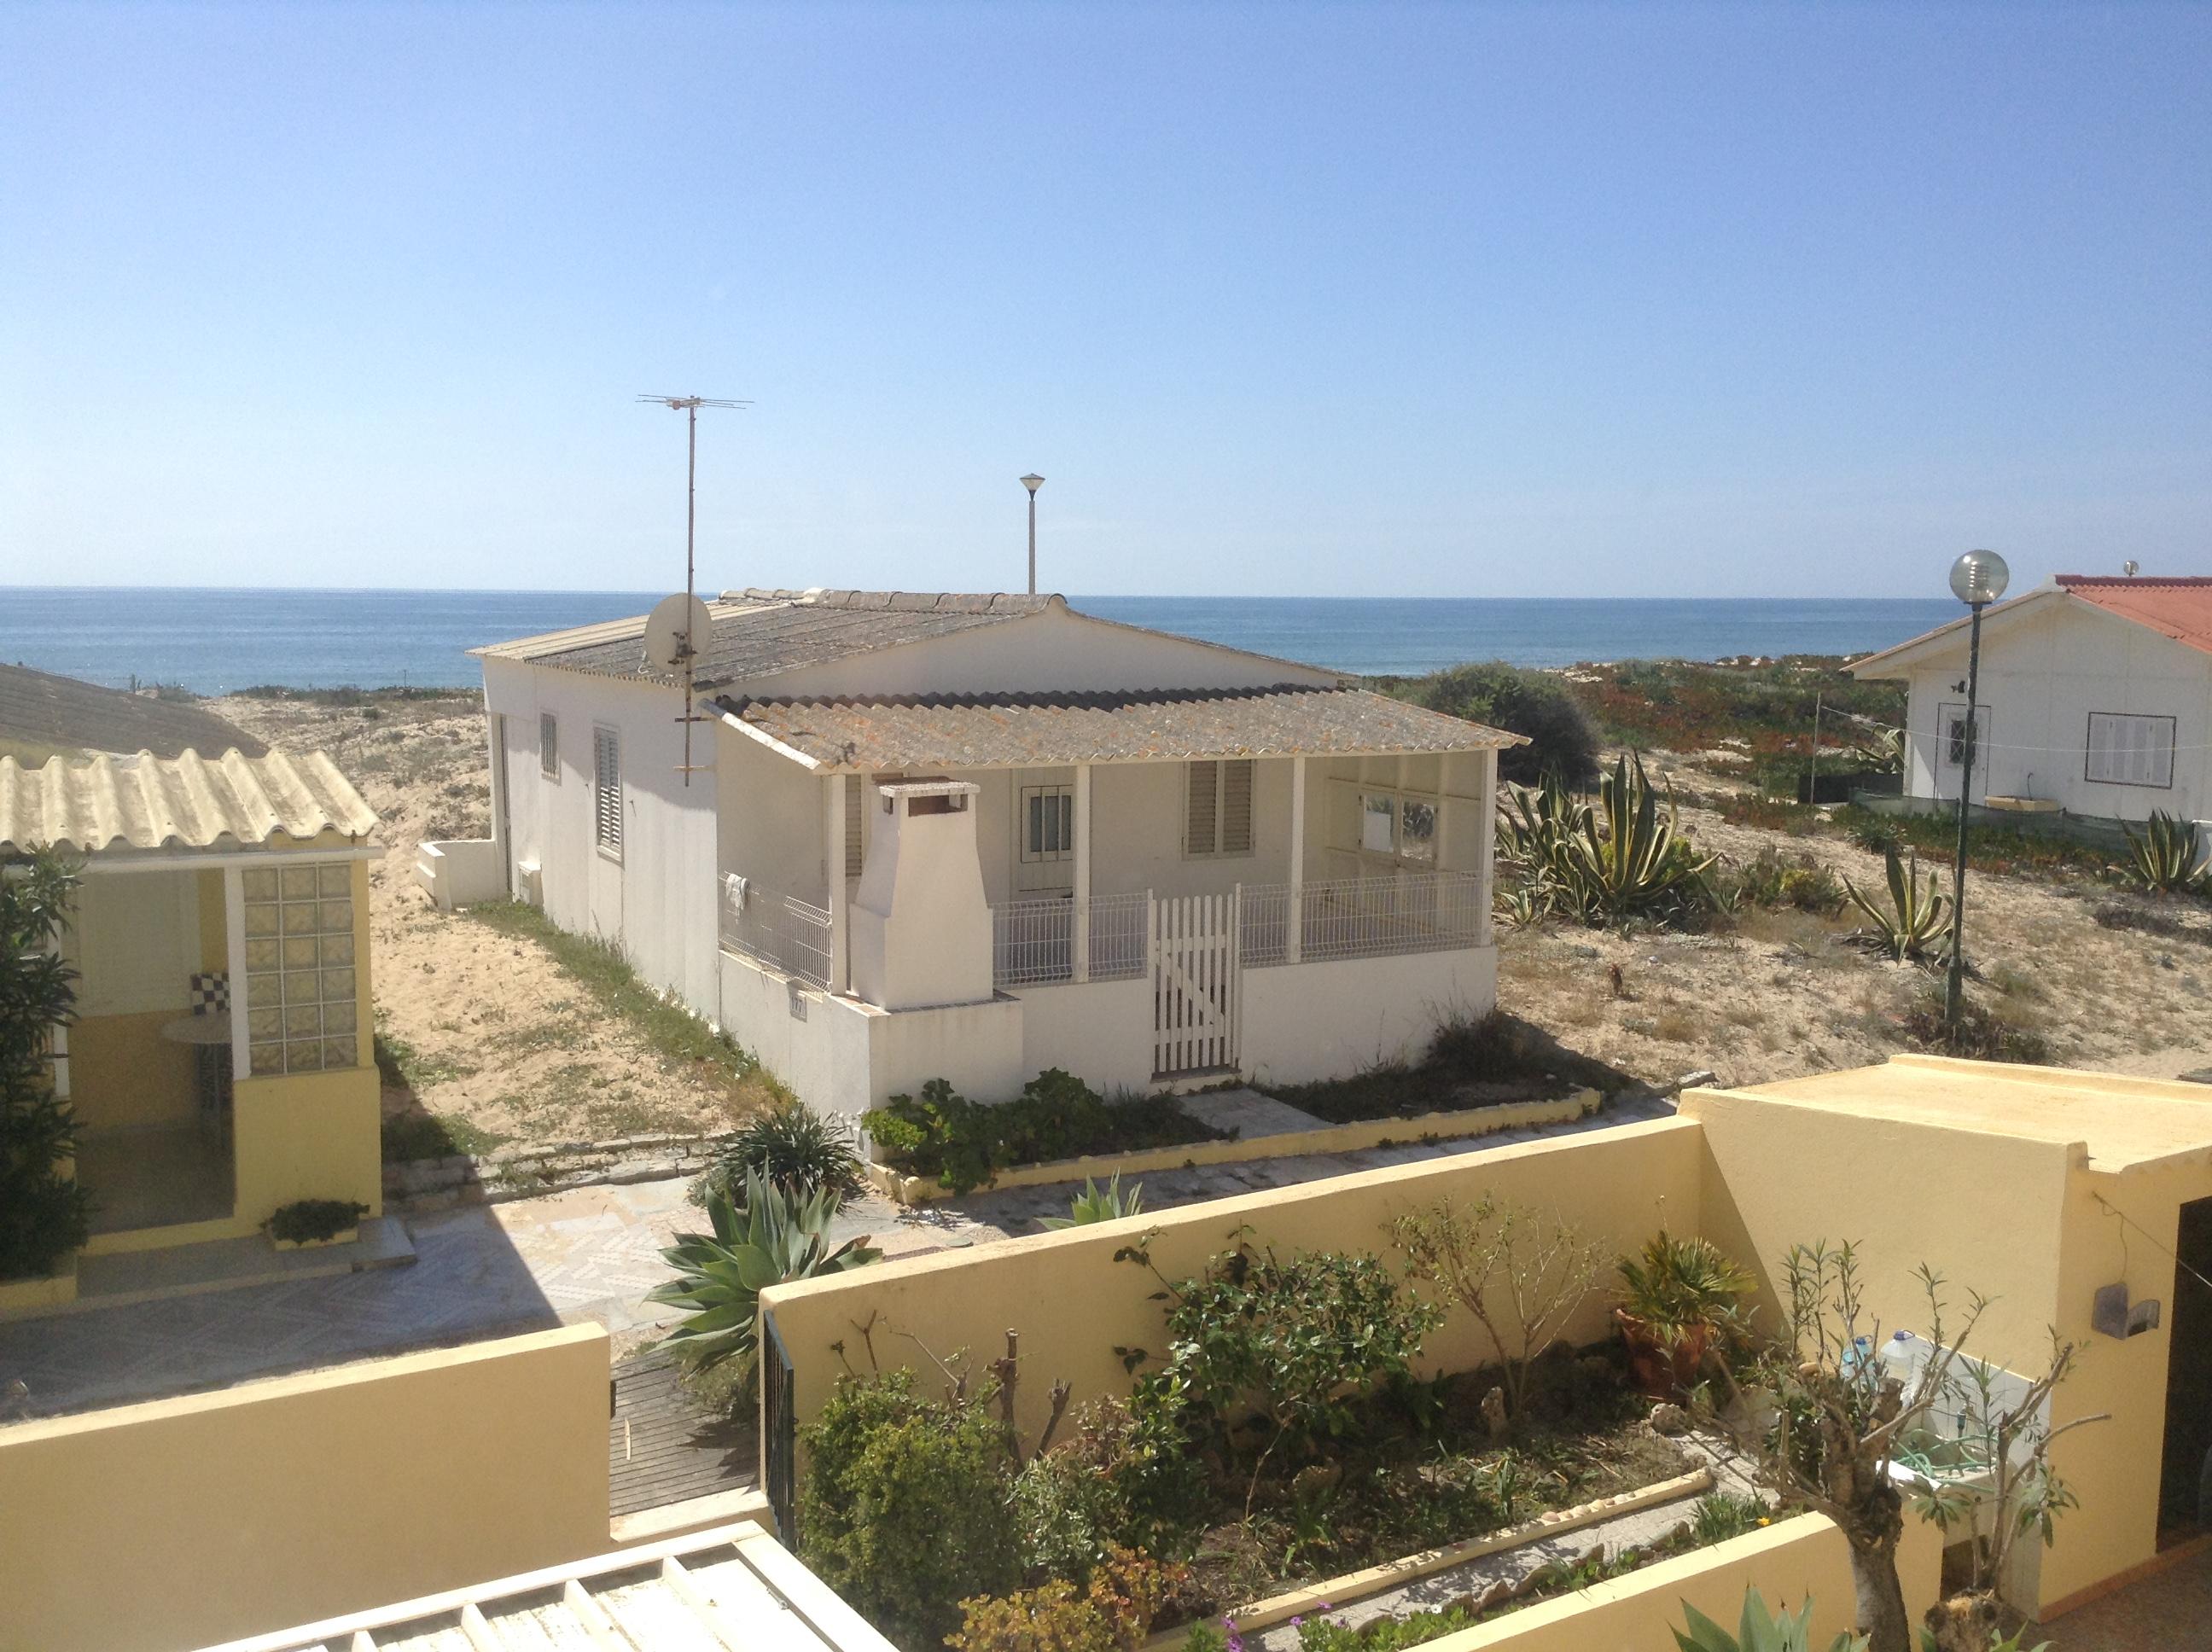 Faro Airbnb view, Portugal, MilanKaRaja.com